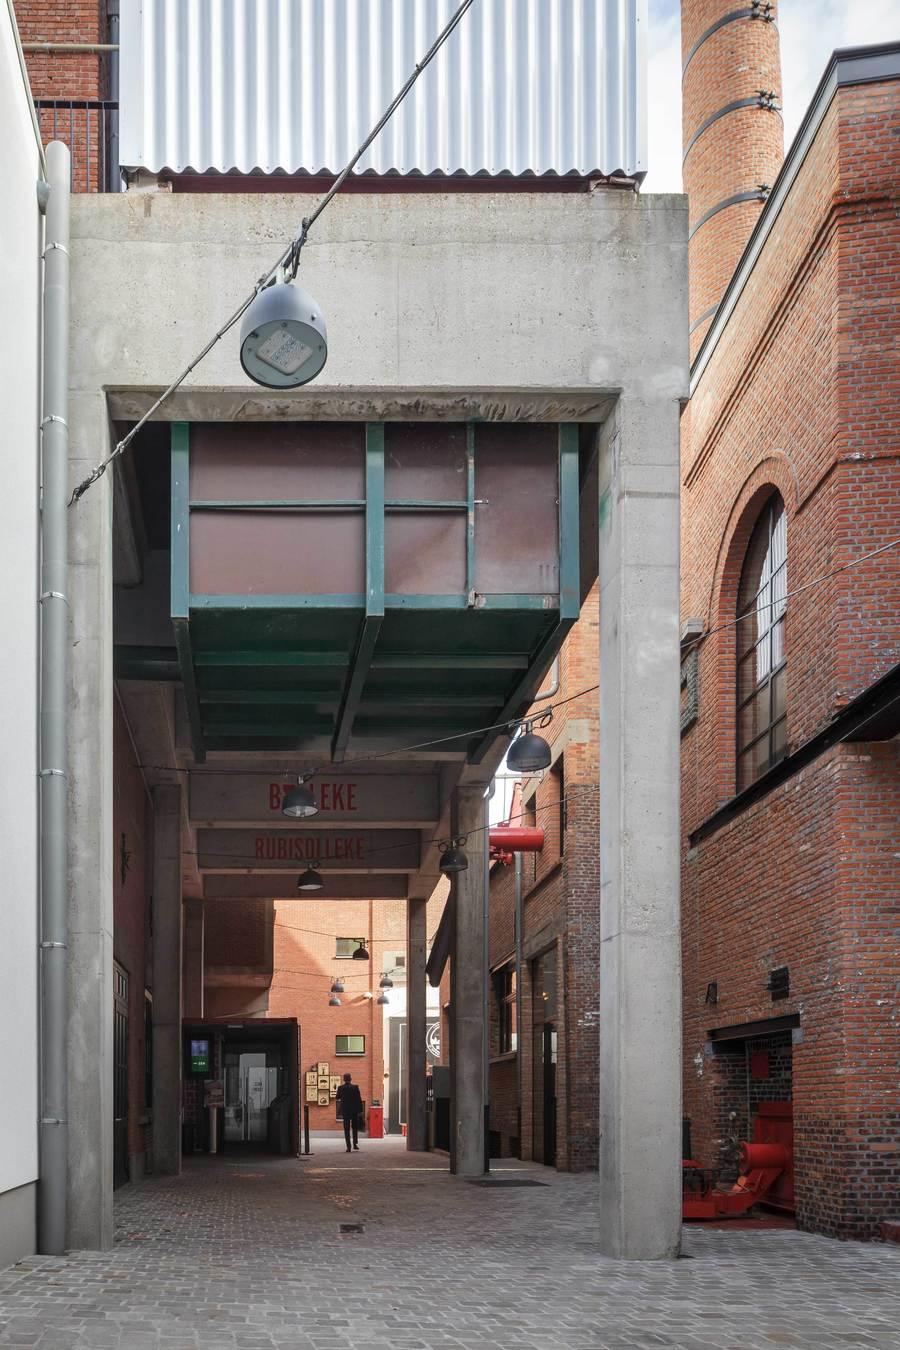 Rechts onderaan de ketels dewelke in het ontwerp werden gevrijwaard als beschermd erfgoedelement.